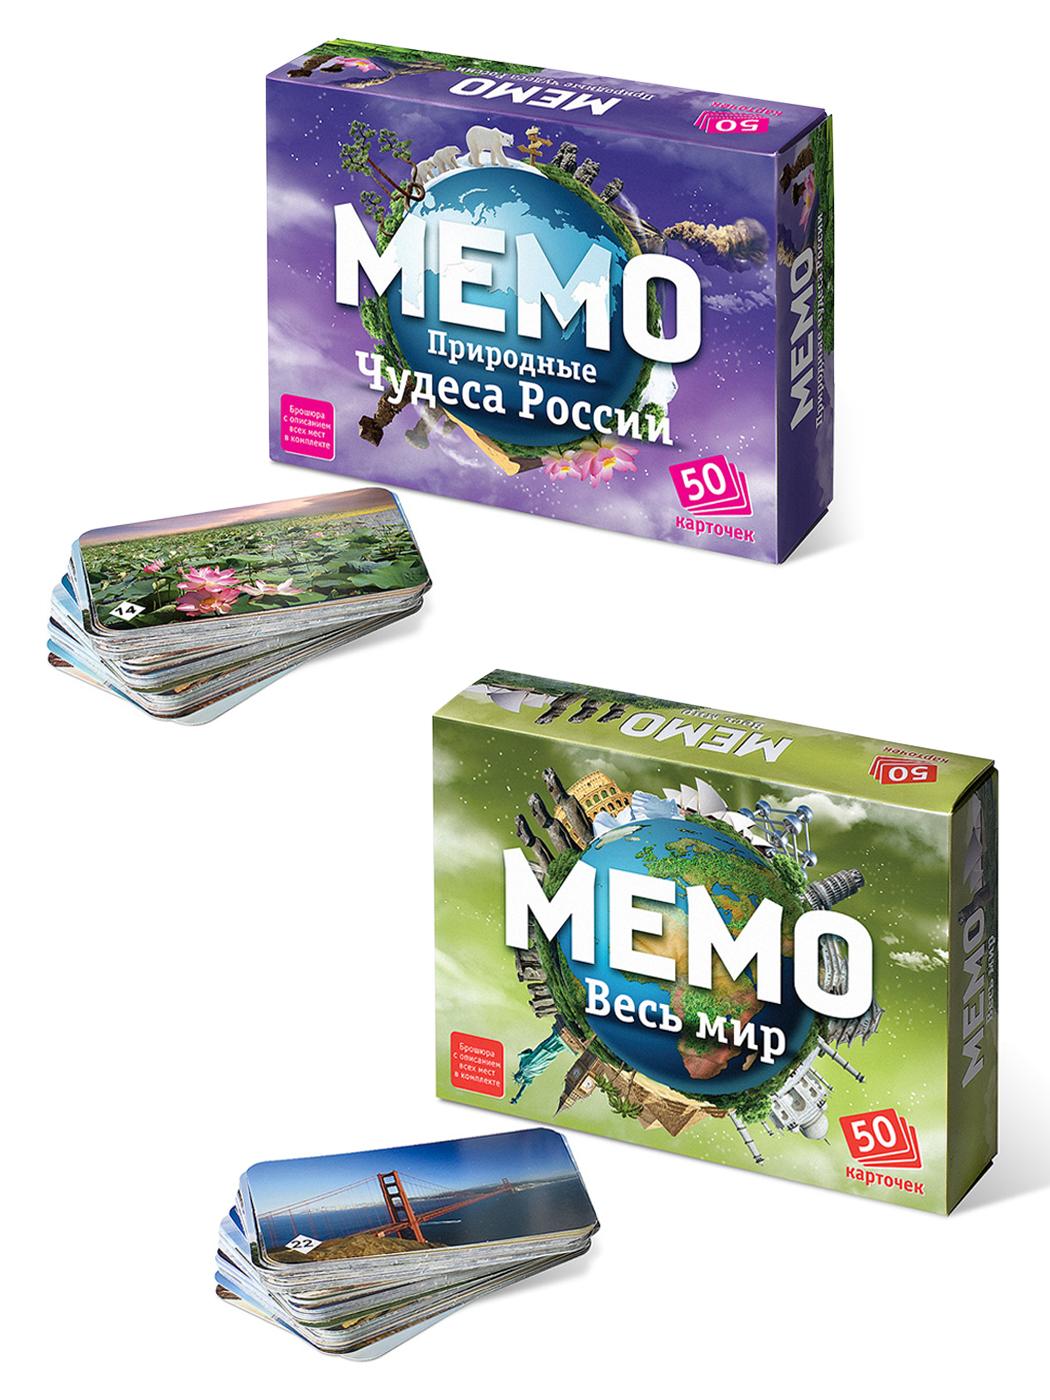 Купить Игровой набор Нескучные Игры Мемо Природные чудеса России + Весь мир 7203+7204,